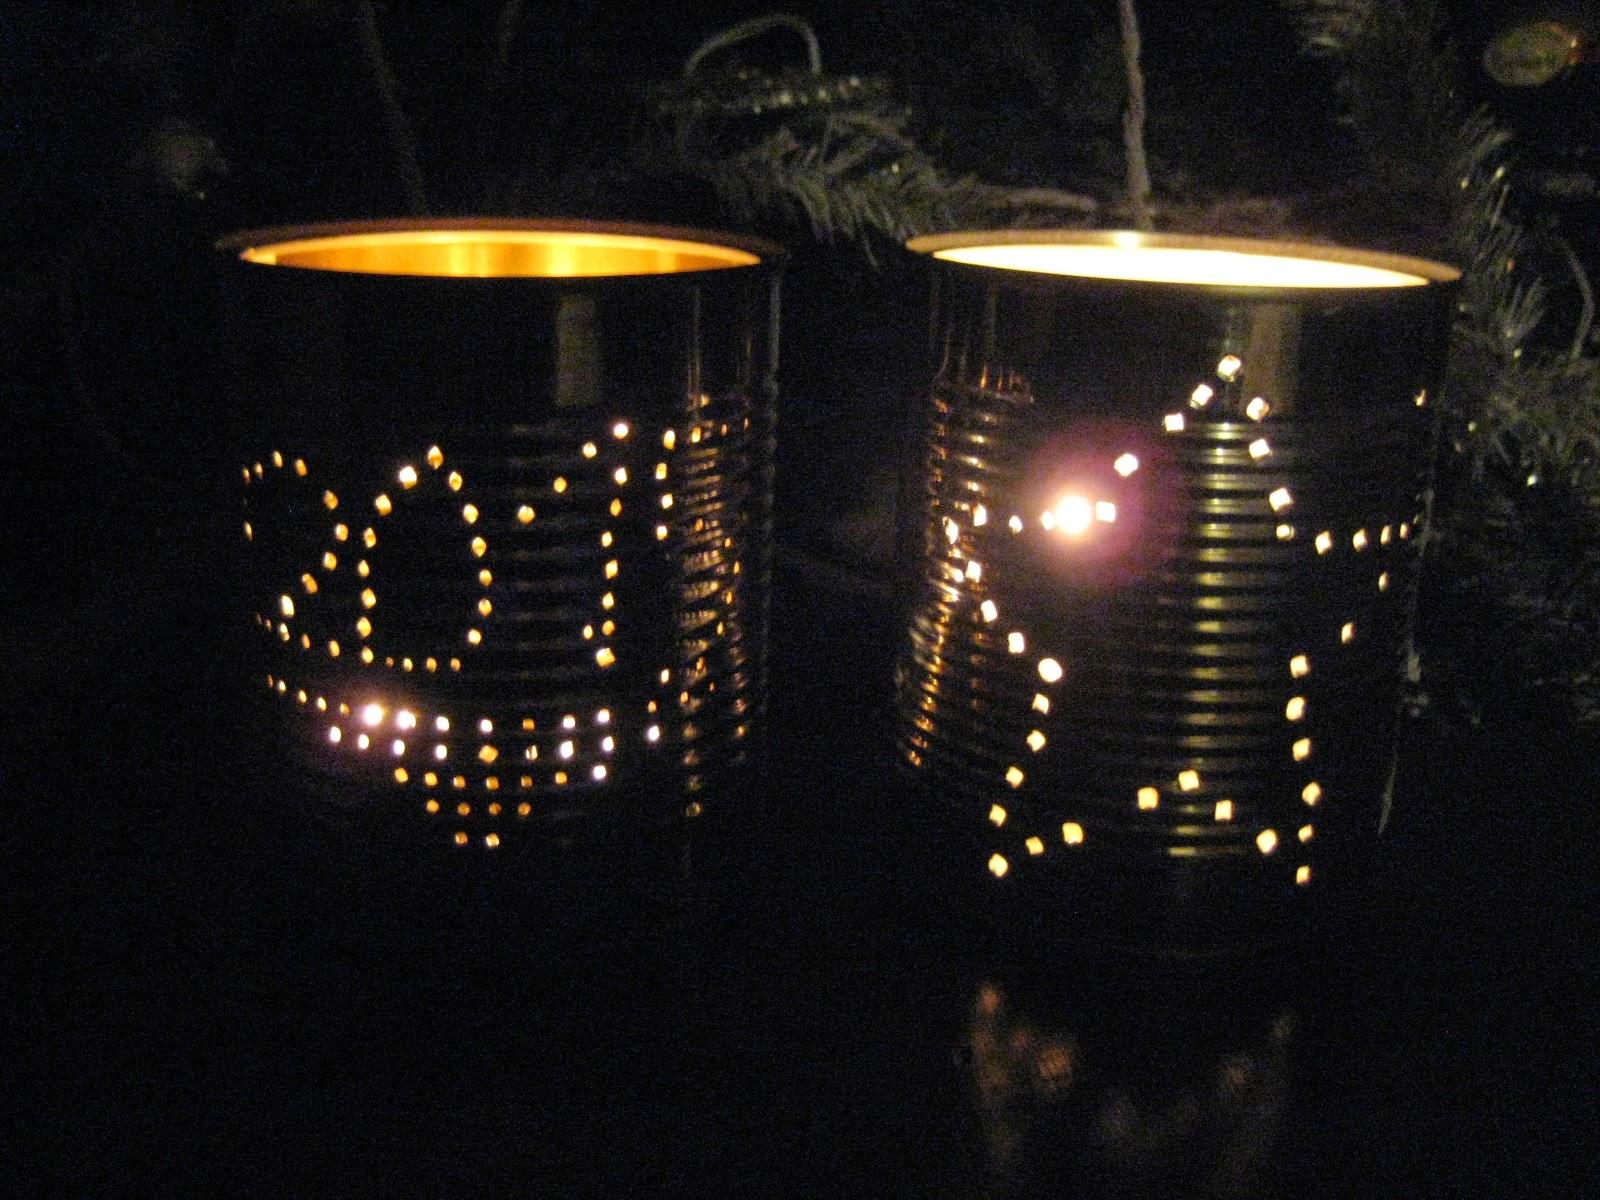 Maman je sais pas quoi faire lanterne boite en conserve - Photophore boite de conserve ...